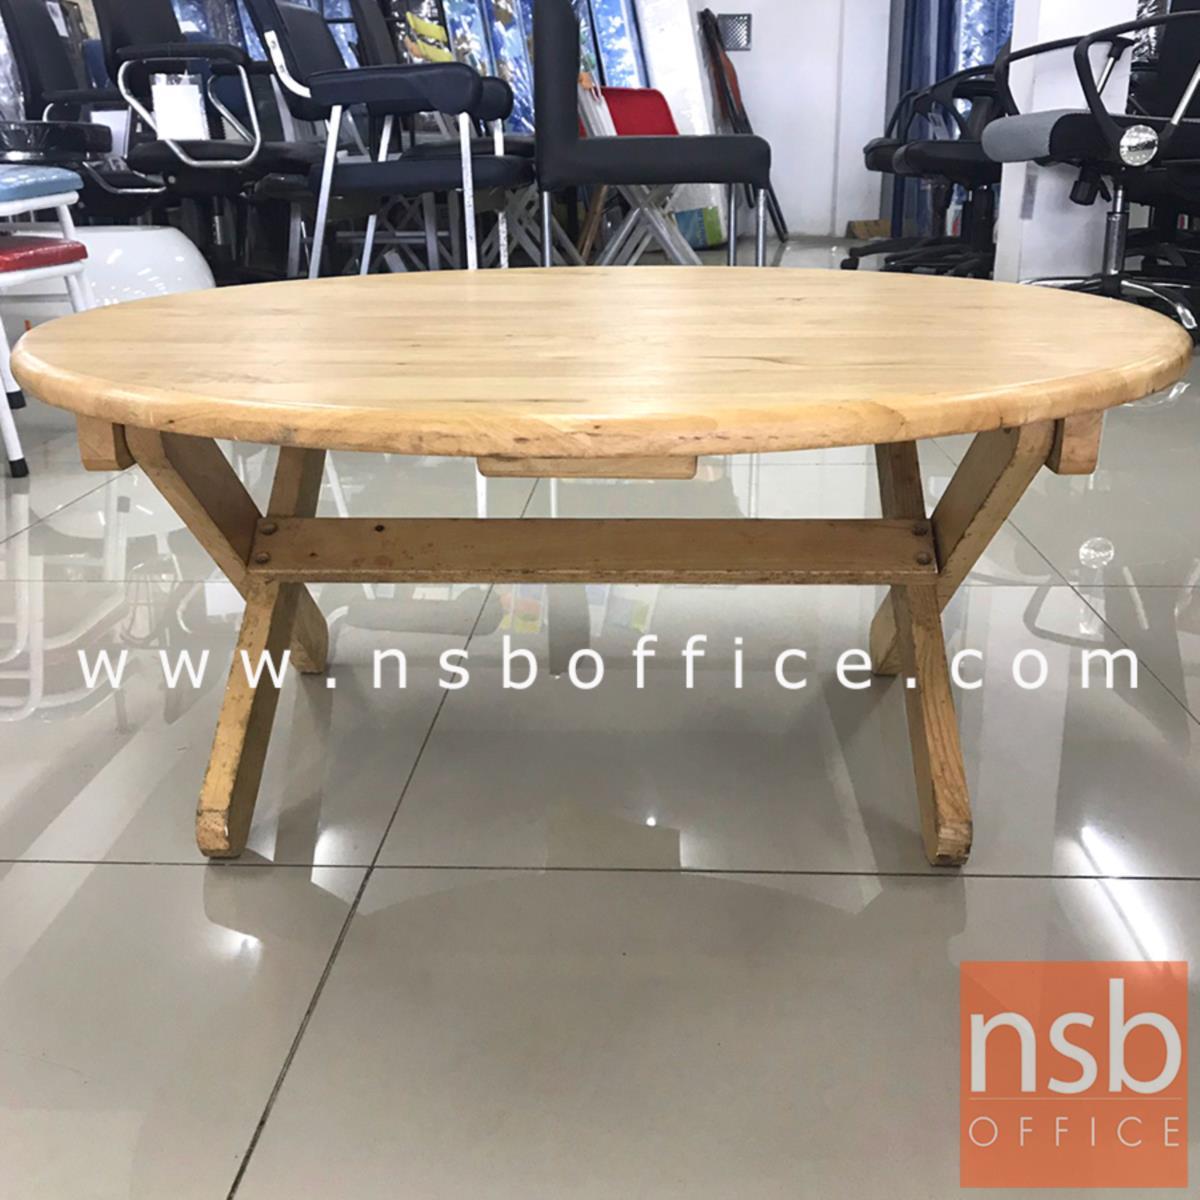 โต๊ะพับหน้าไม้ยางพาราล้วน  ขนาด 75Di*32H cm. สีธรรมชาติ